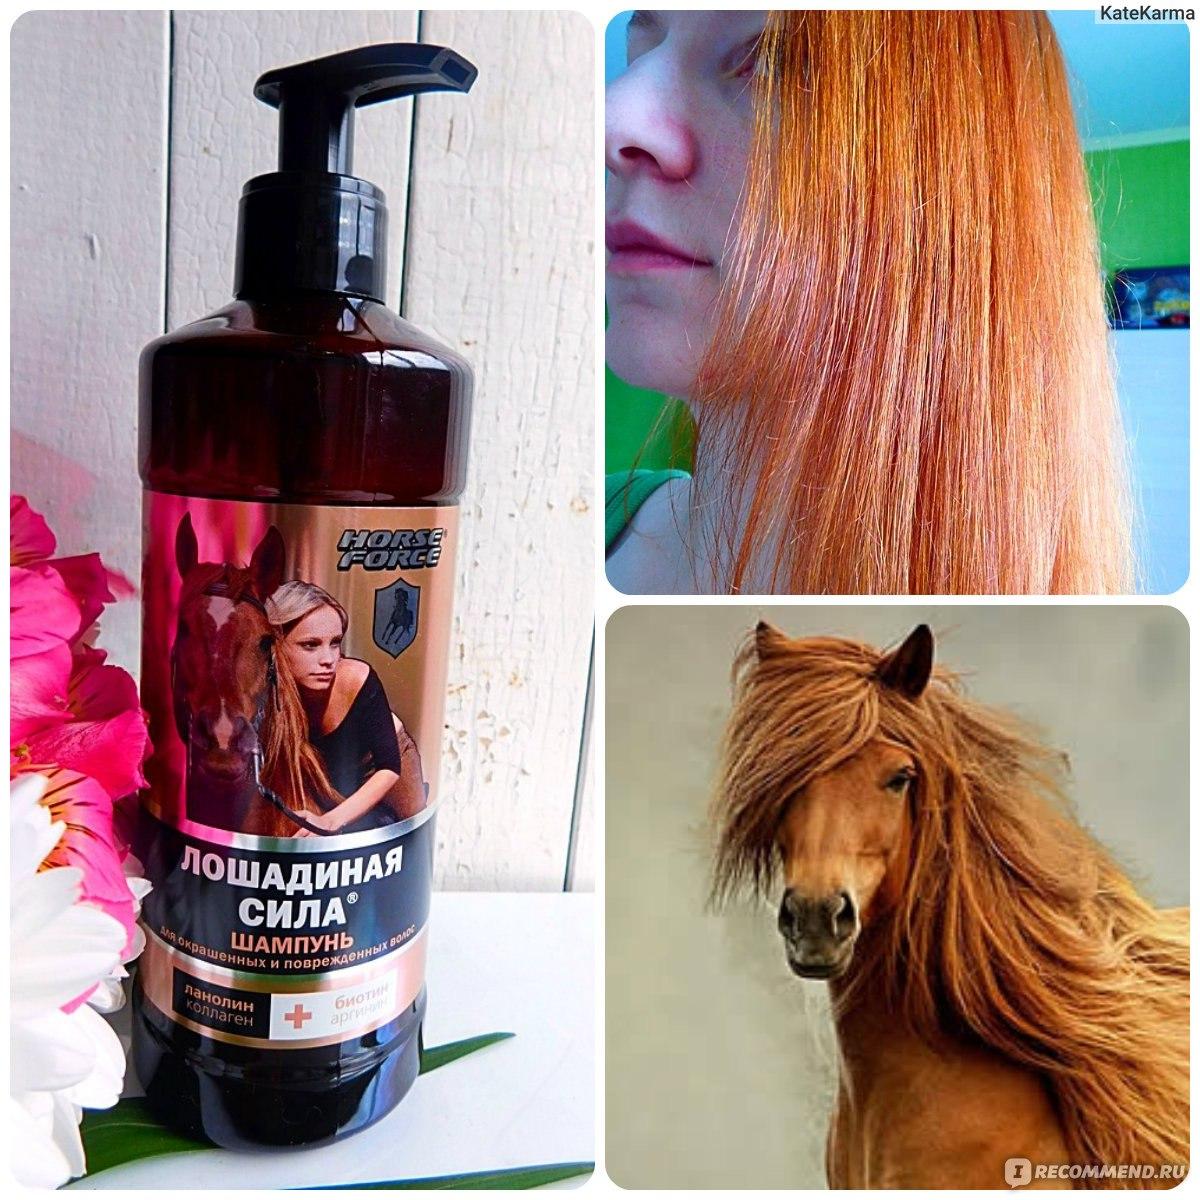 Отзывы о шампуне против выпадения волос «лошадиная сила»